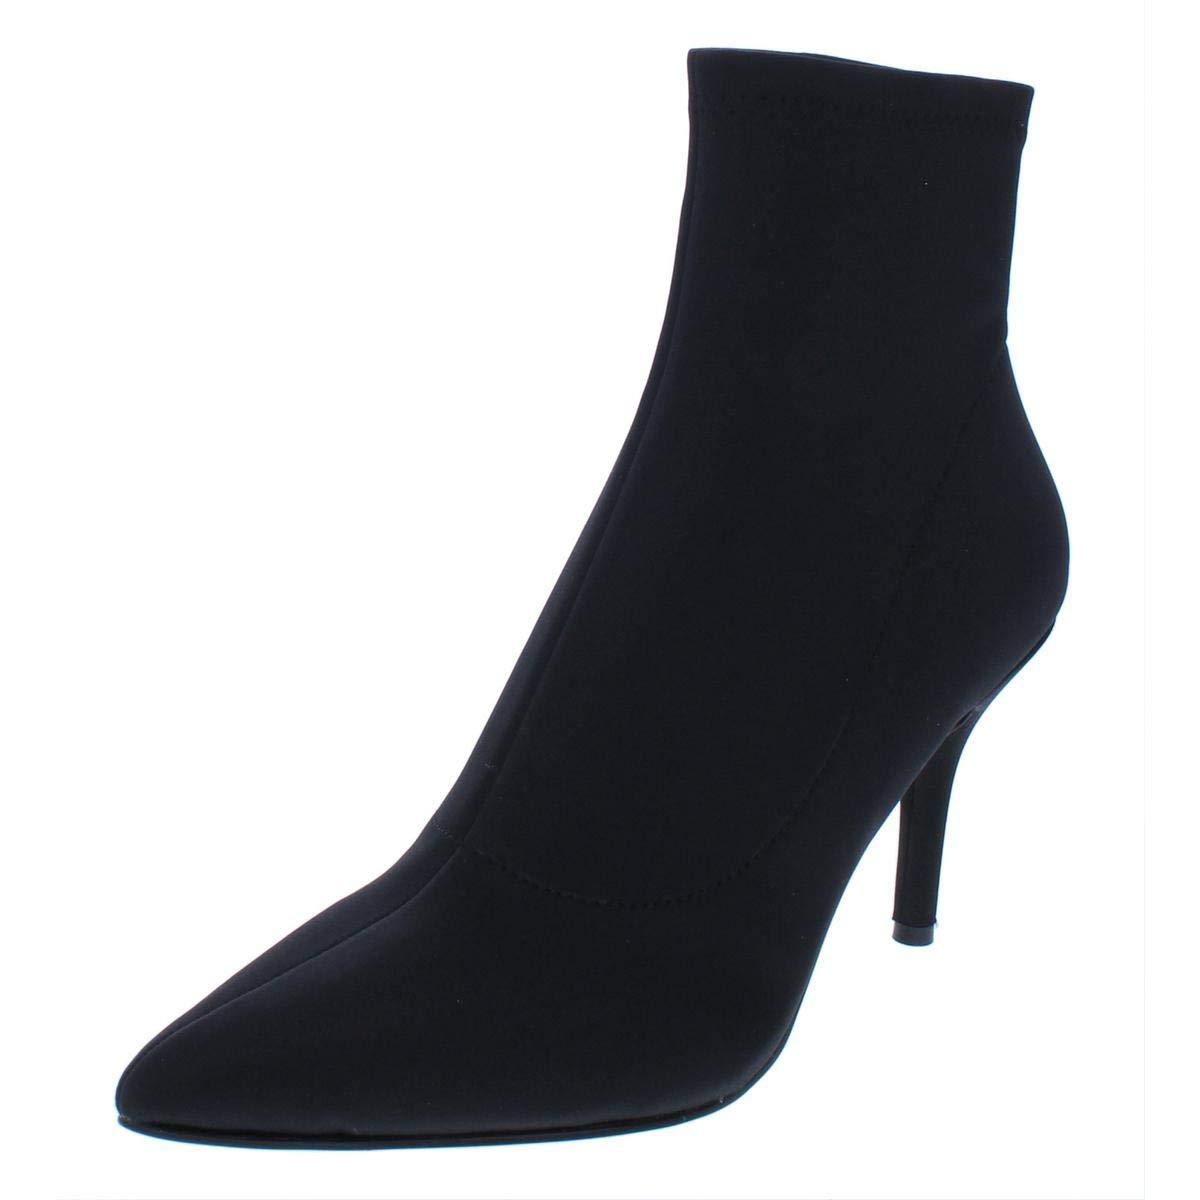 2d58cb10270d2 Amazon.com | Inc International Concepts Womens Zete Sock Ankle ...